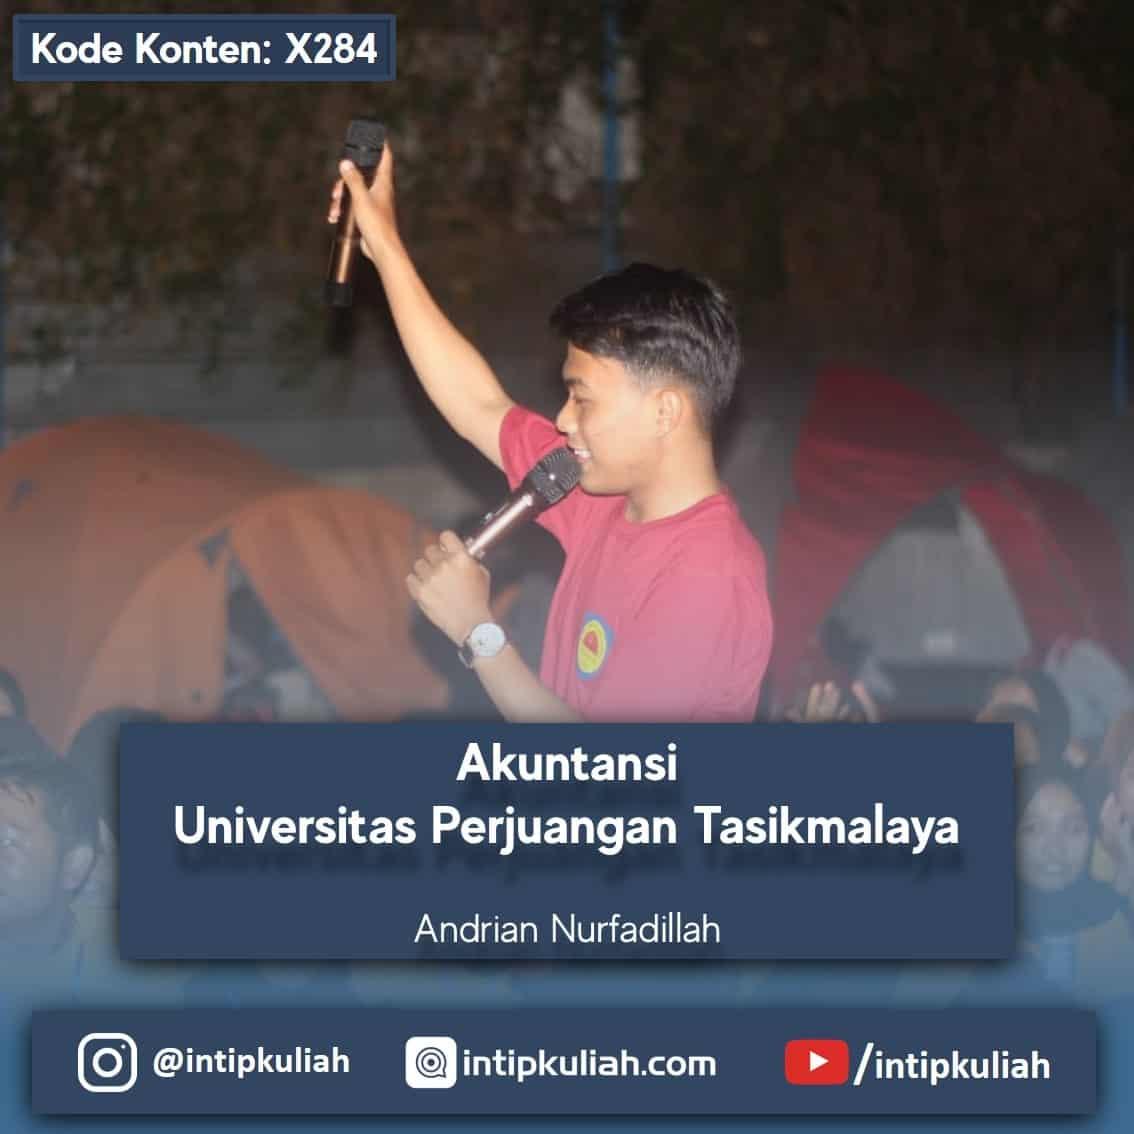 Akuntansi Universitas Perjuangan Tasikmalaya (Andrian)